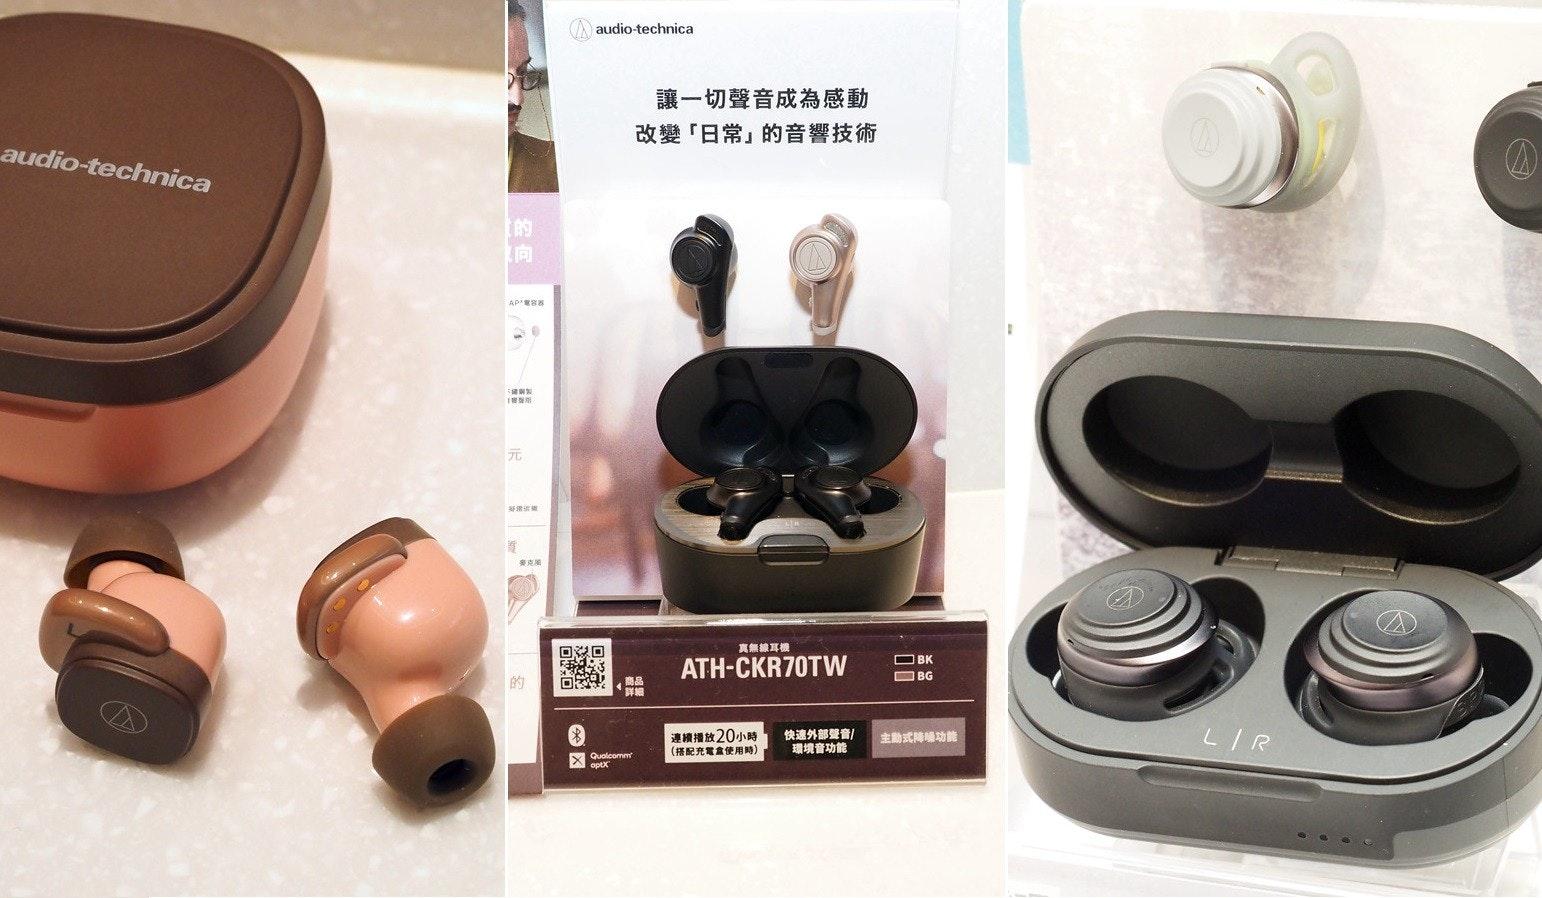 照片中提到了A audio-technica、讓一切聲音成為感動、改變「日常」的音響技術,跟LiquidHub有關,包含了小家電、產品設計、小家電、產品、設計